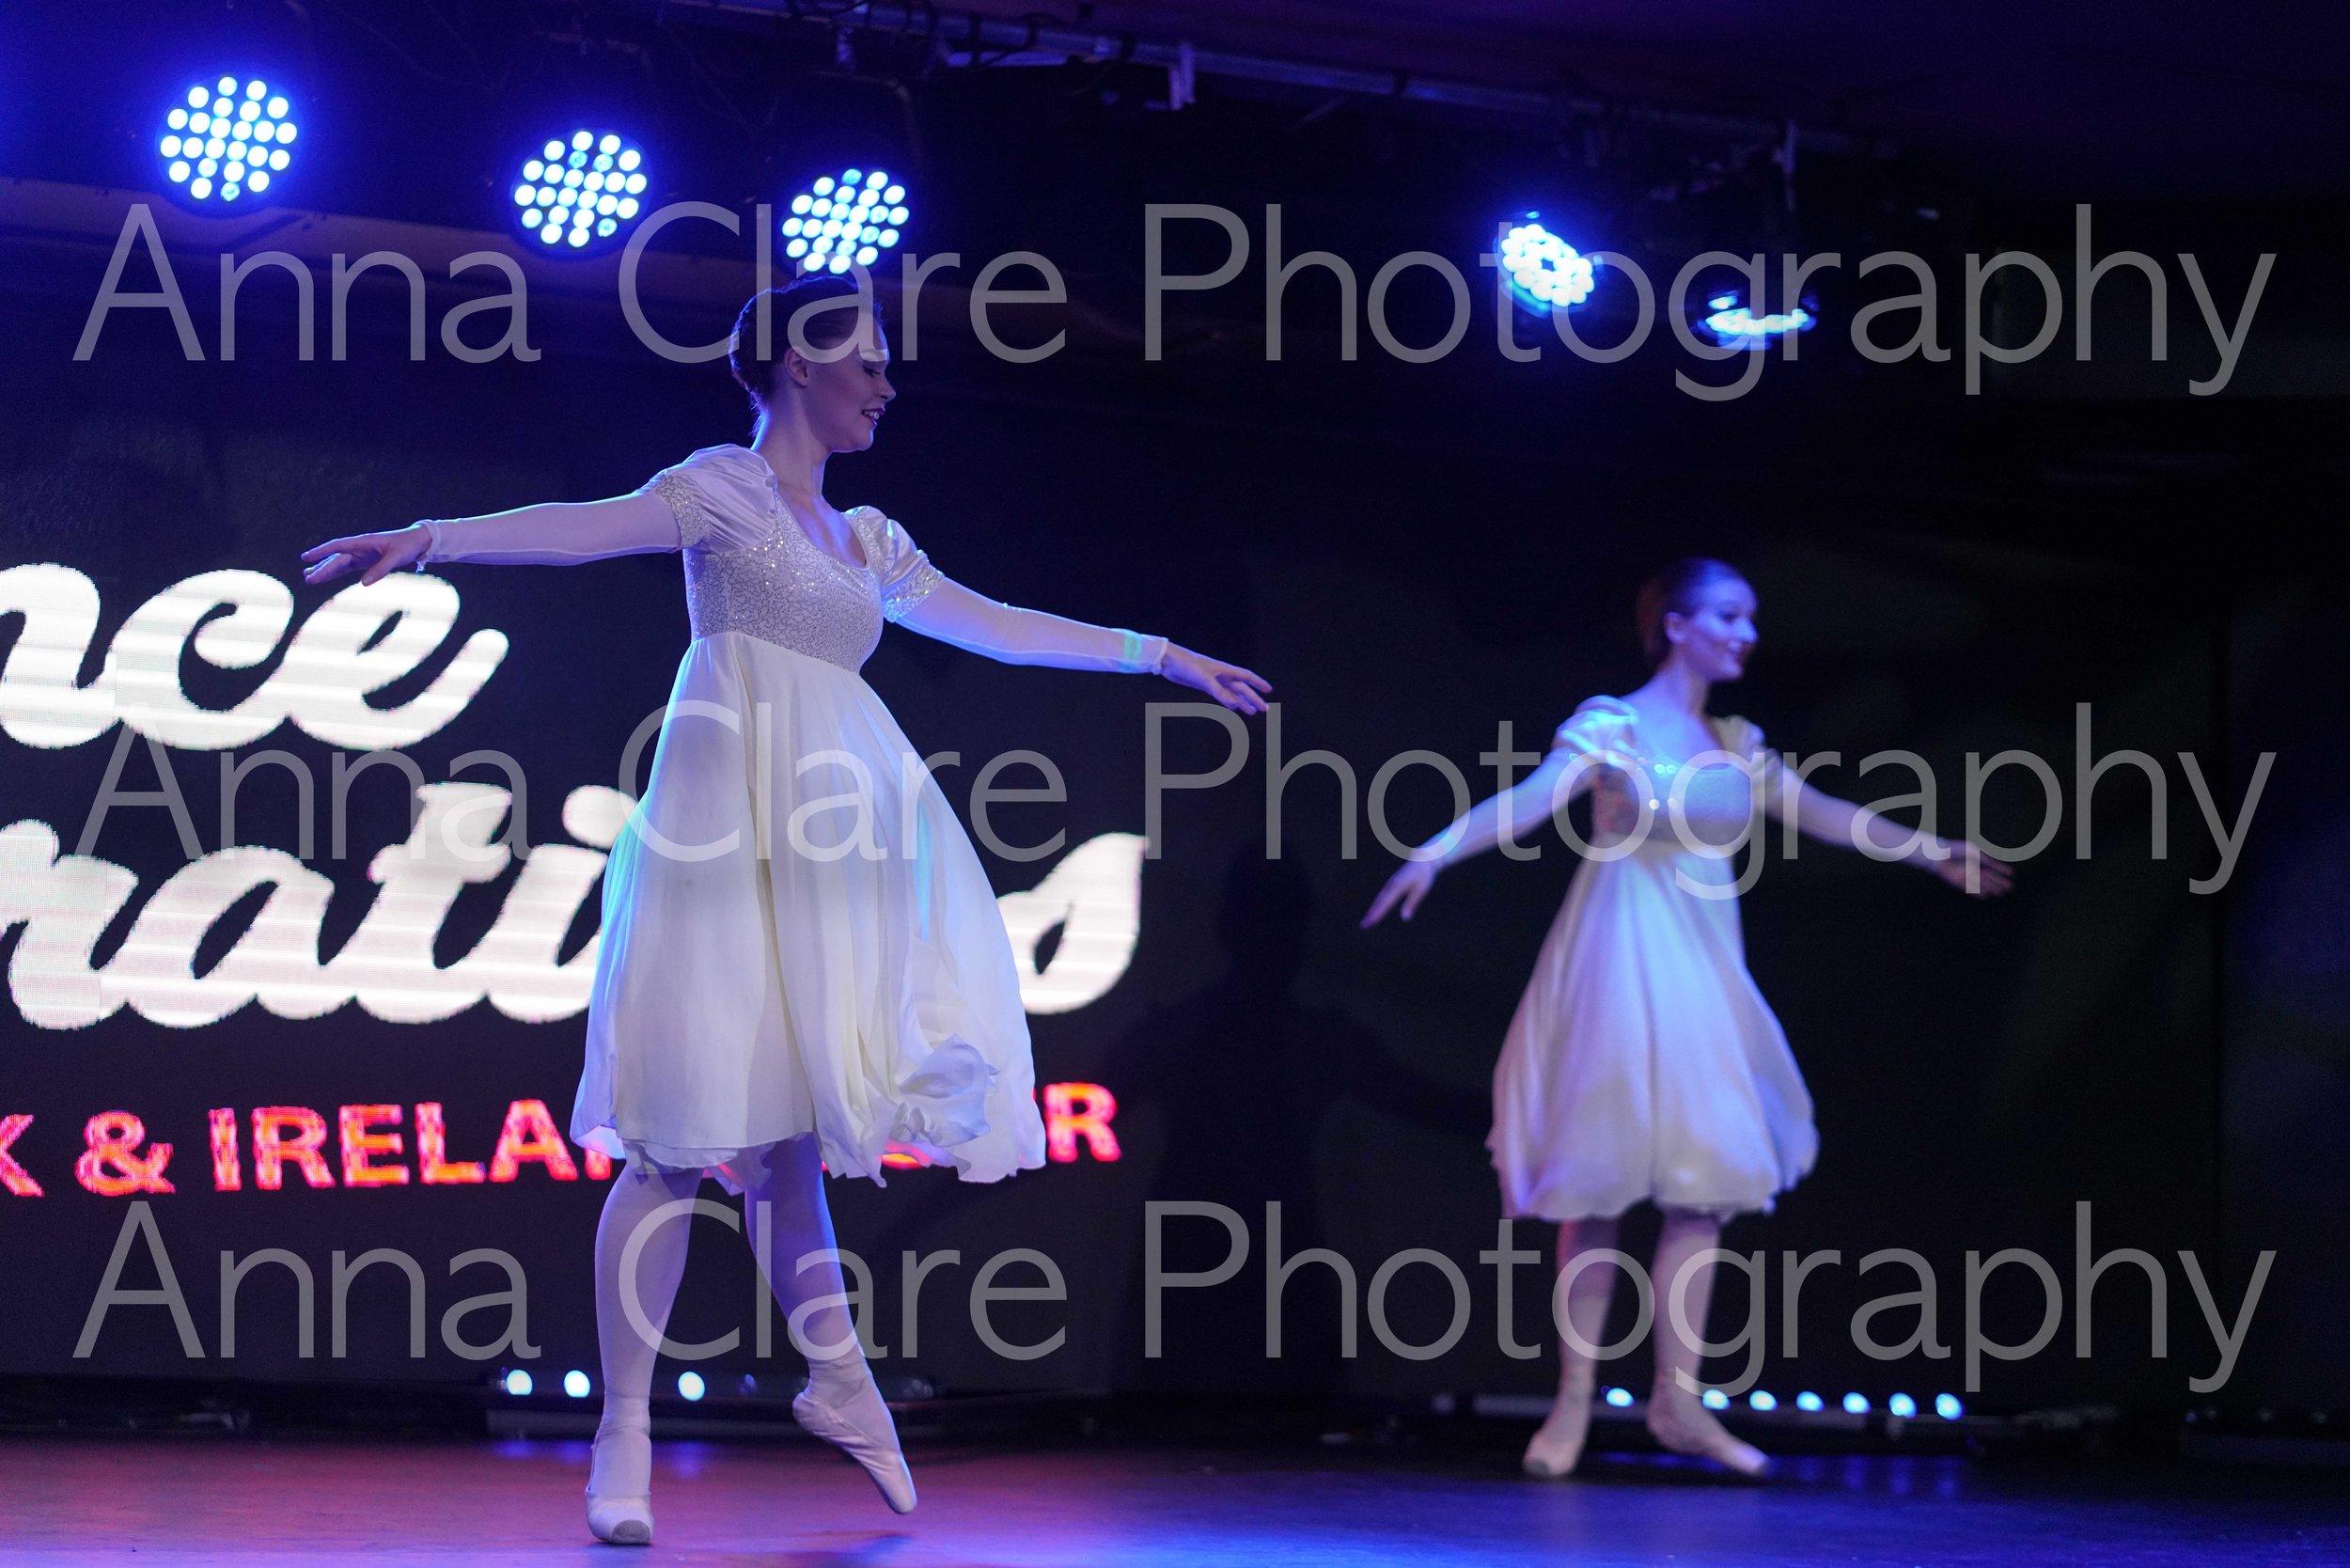 191. Jessica & Tayla -